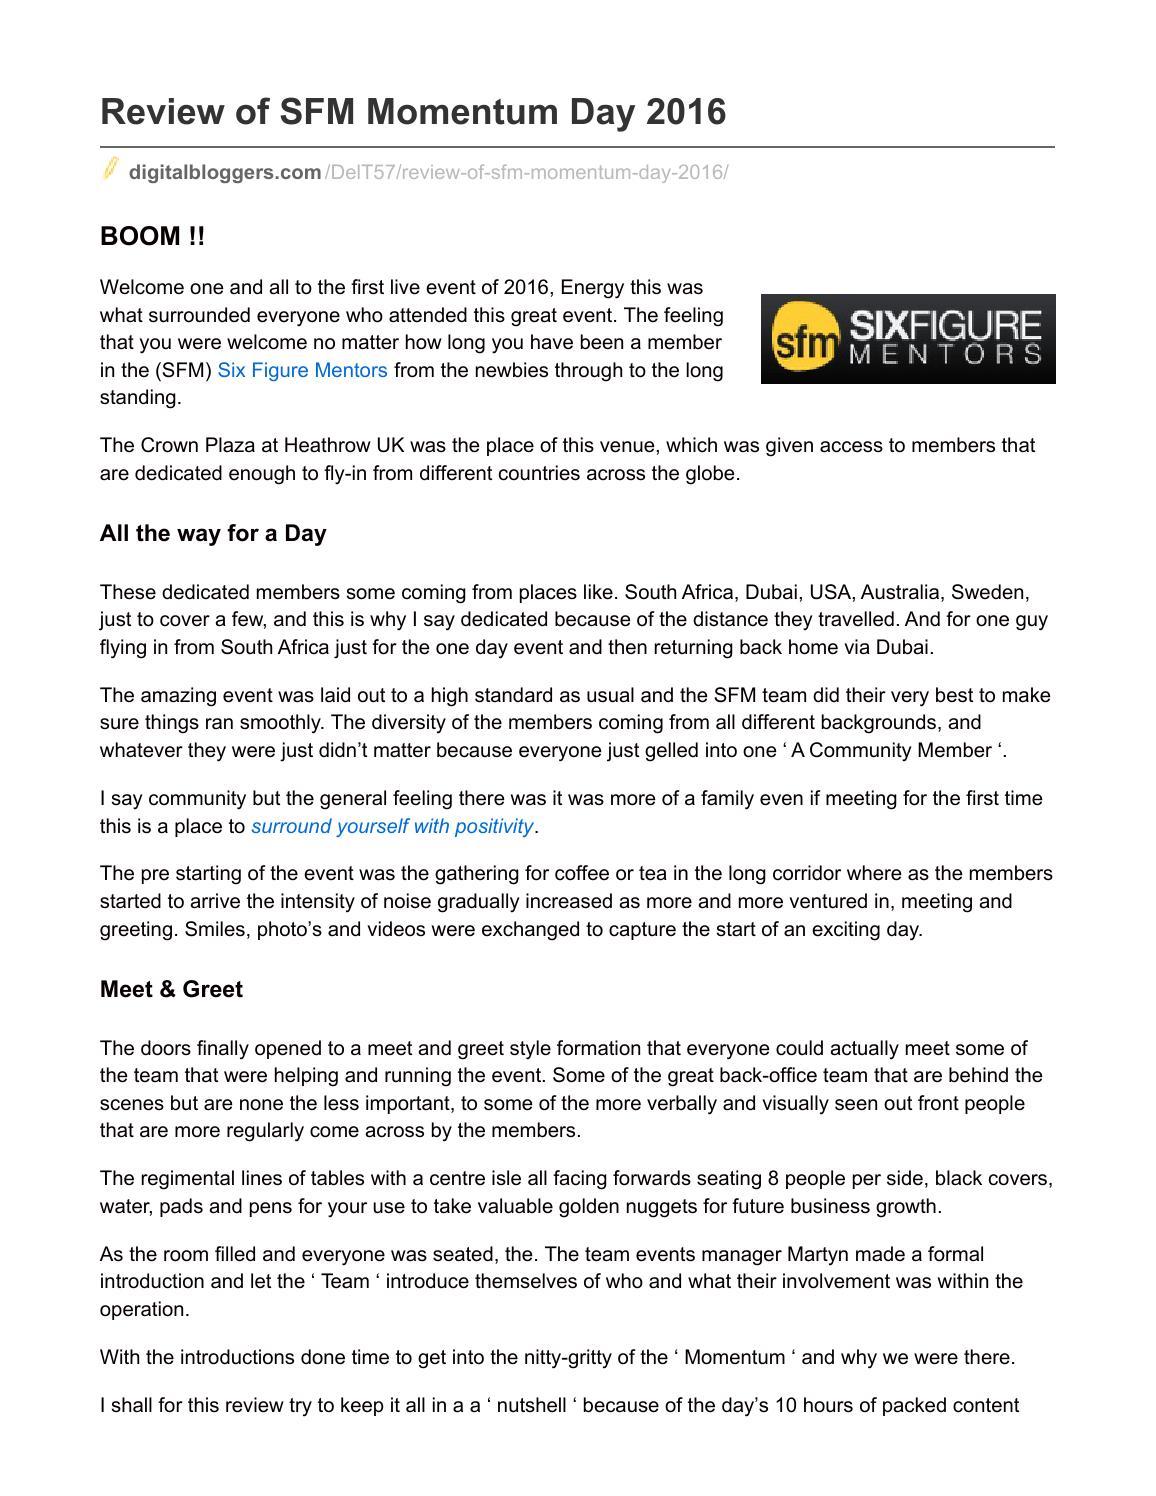 Digitalbloggers Com Review Of Sfm Momentum Day 2016 By Derek Tovee